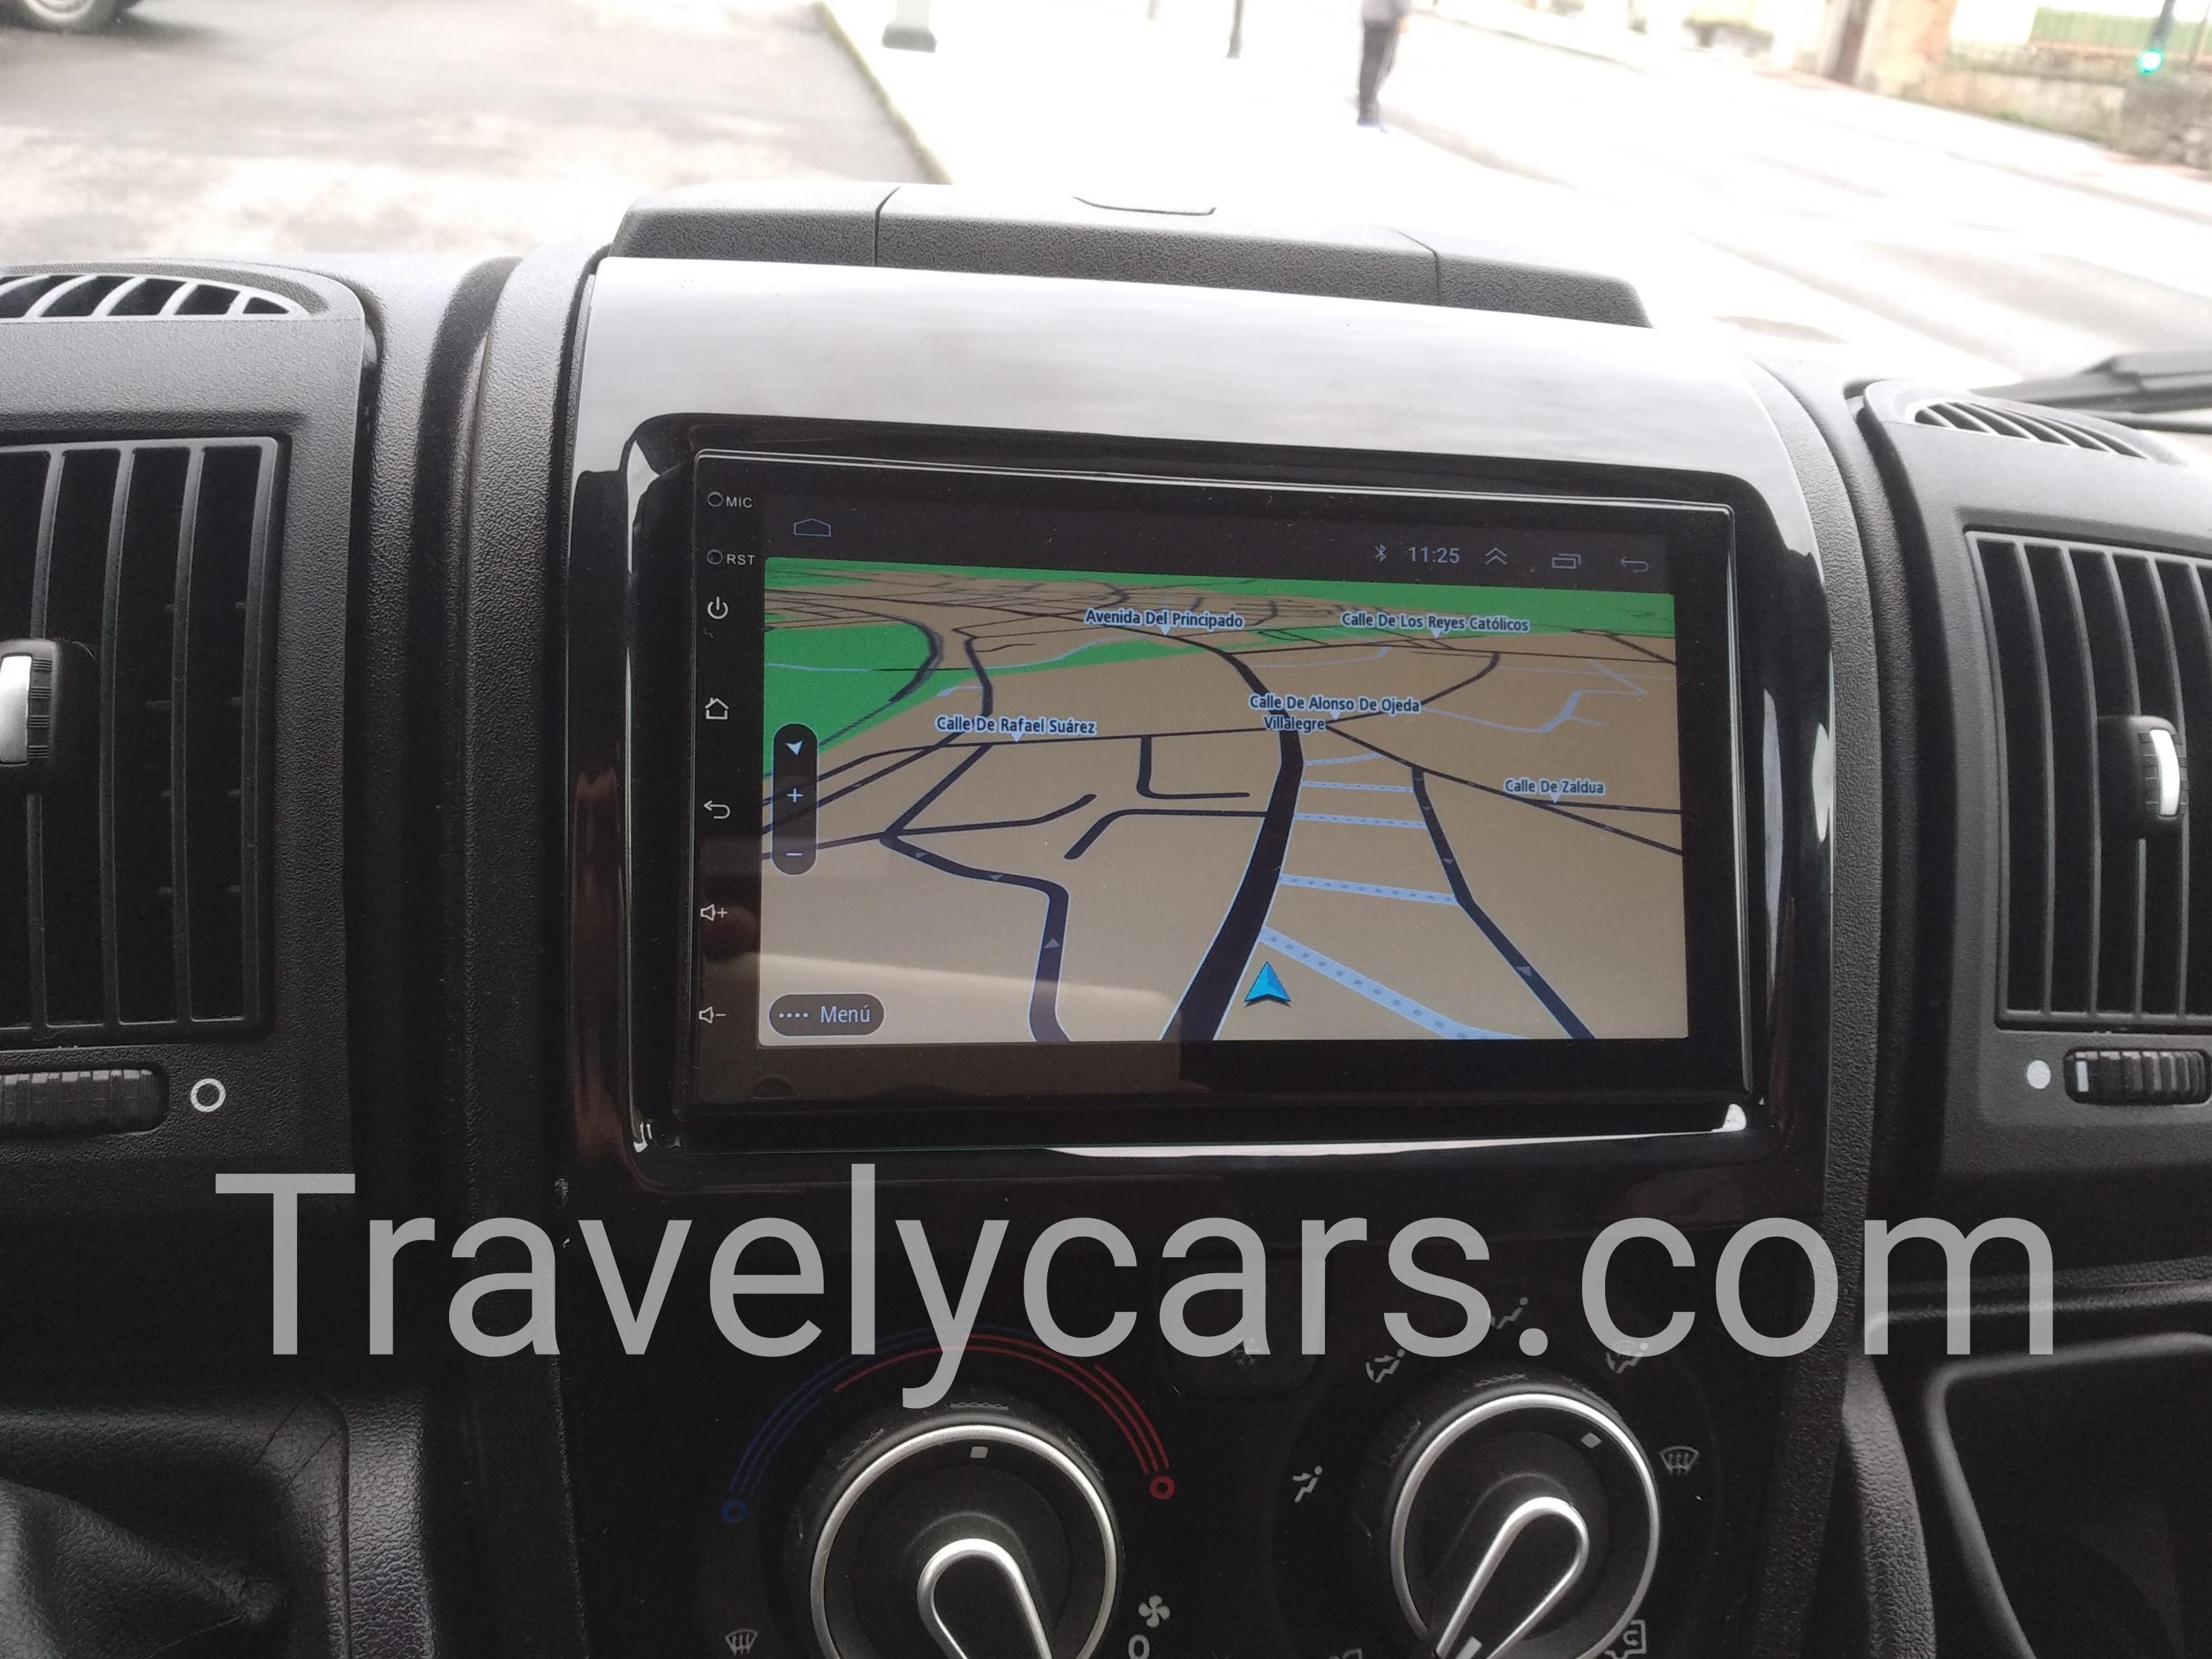 Auticaravanas con GPS incluido